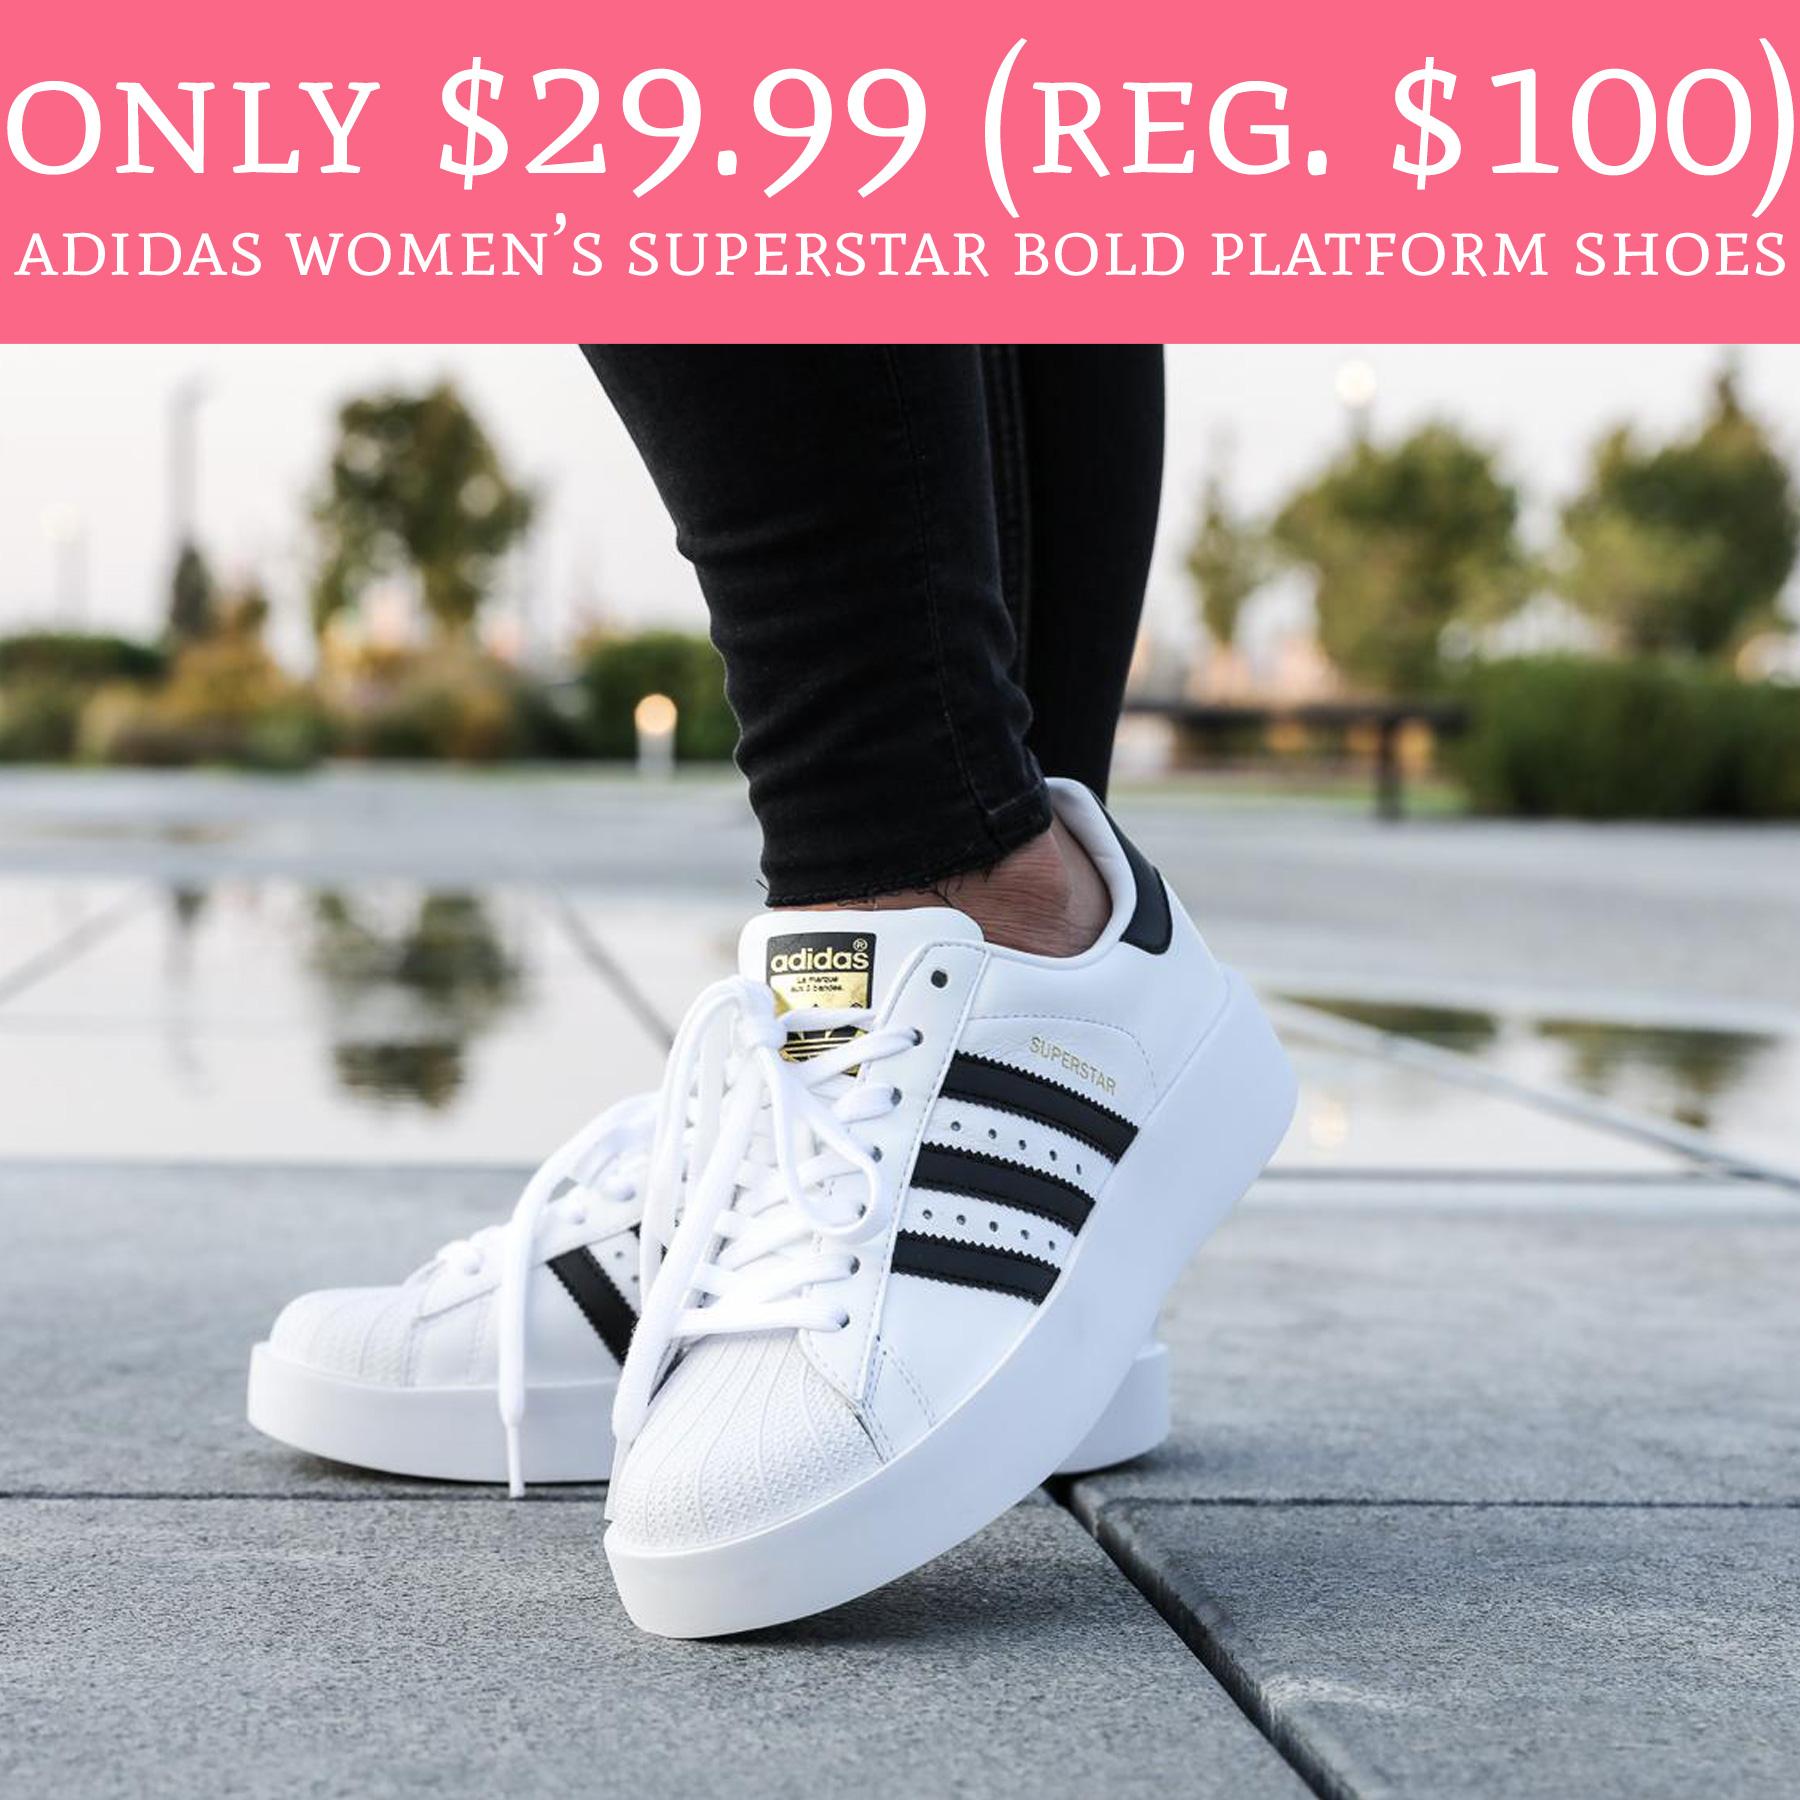 RUN! Only $29.99 (Regular $100) Adidas Women's Superstar Bold ...